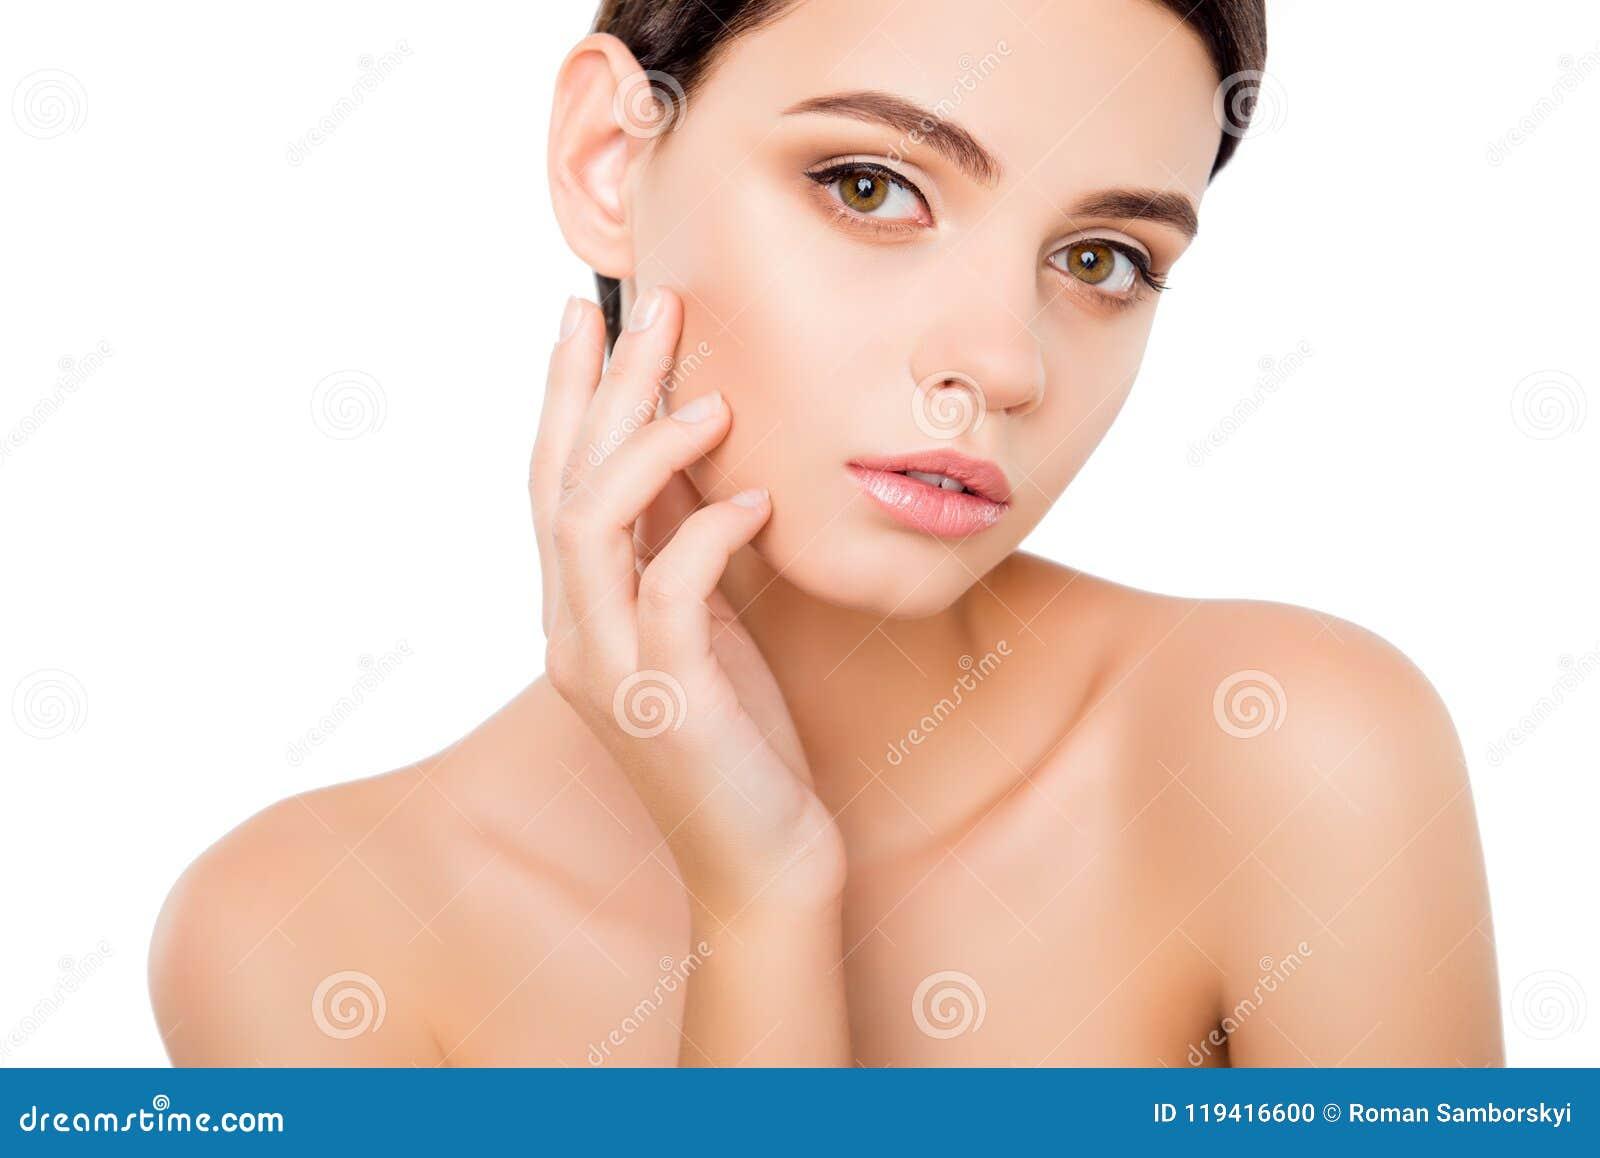 Porträt der rührenden Haut der jungen Frau auf ihrer Backe Schließen Sie herauf Porträt des Bezauberns reizender recht schöner at